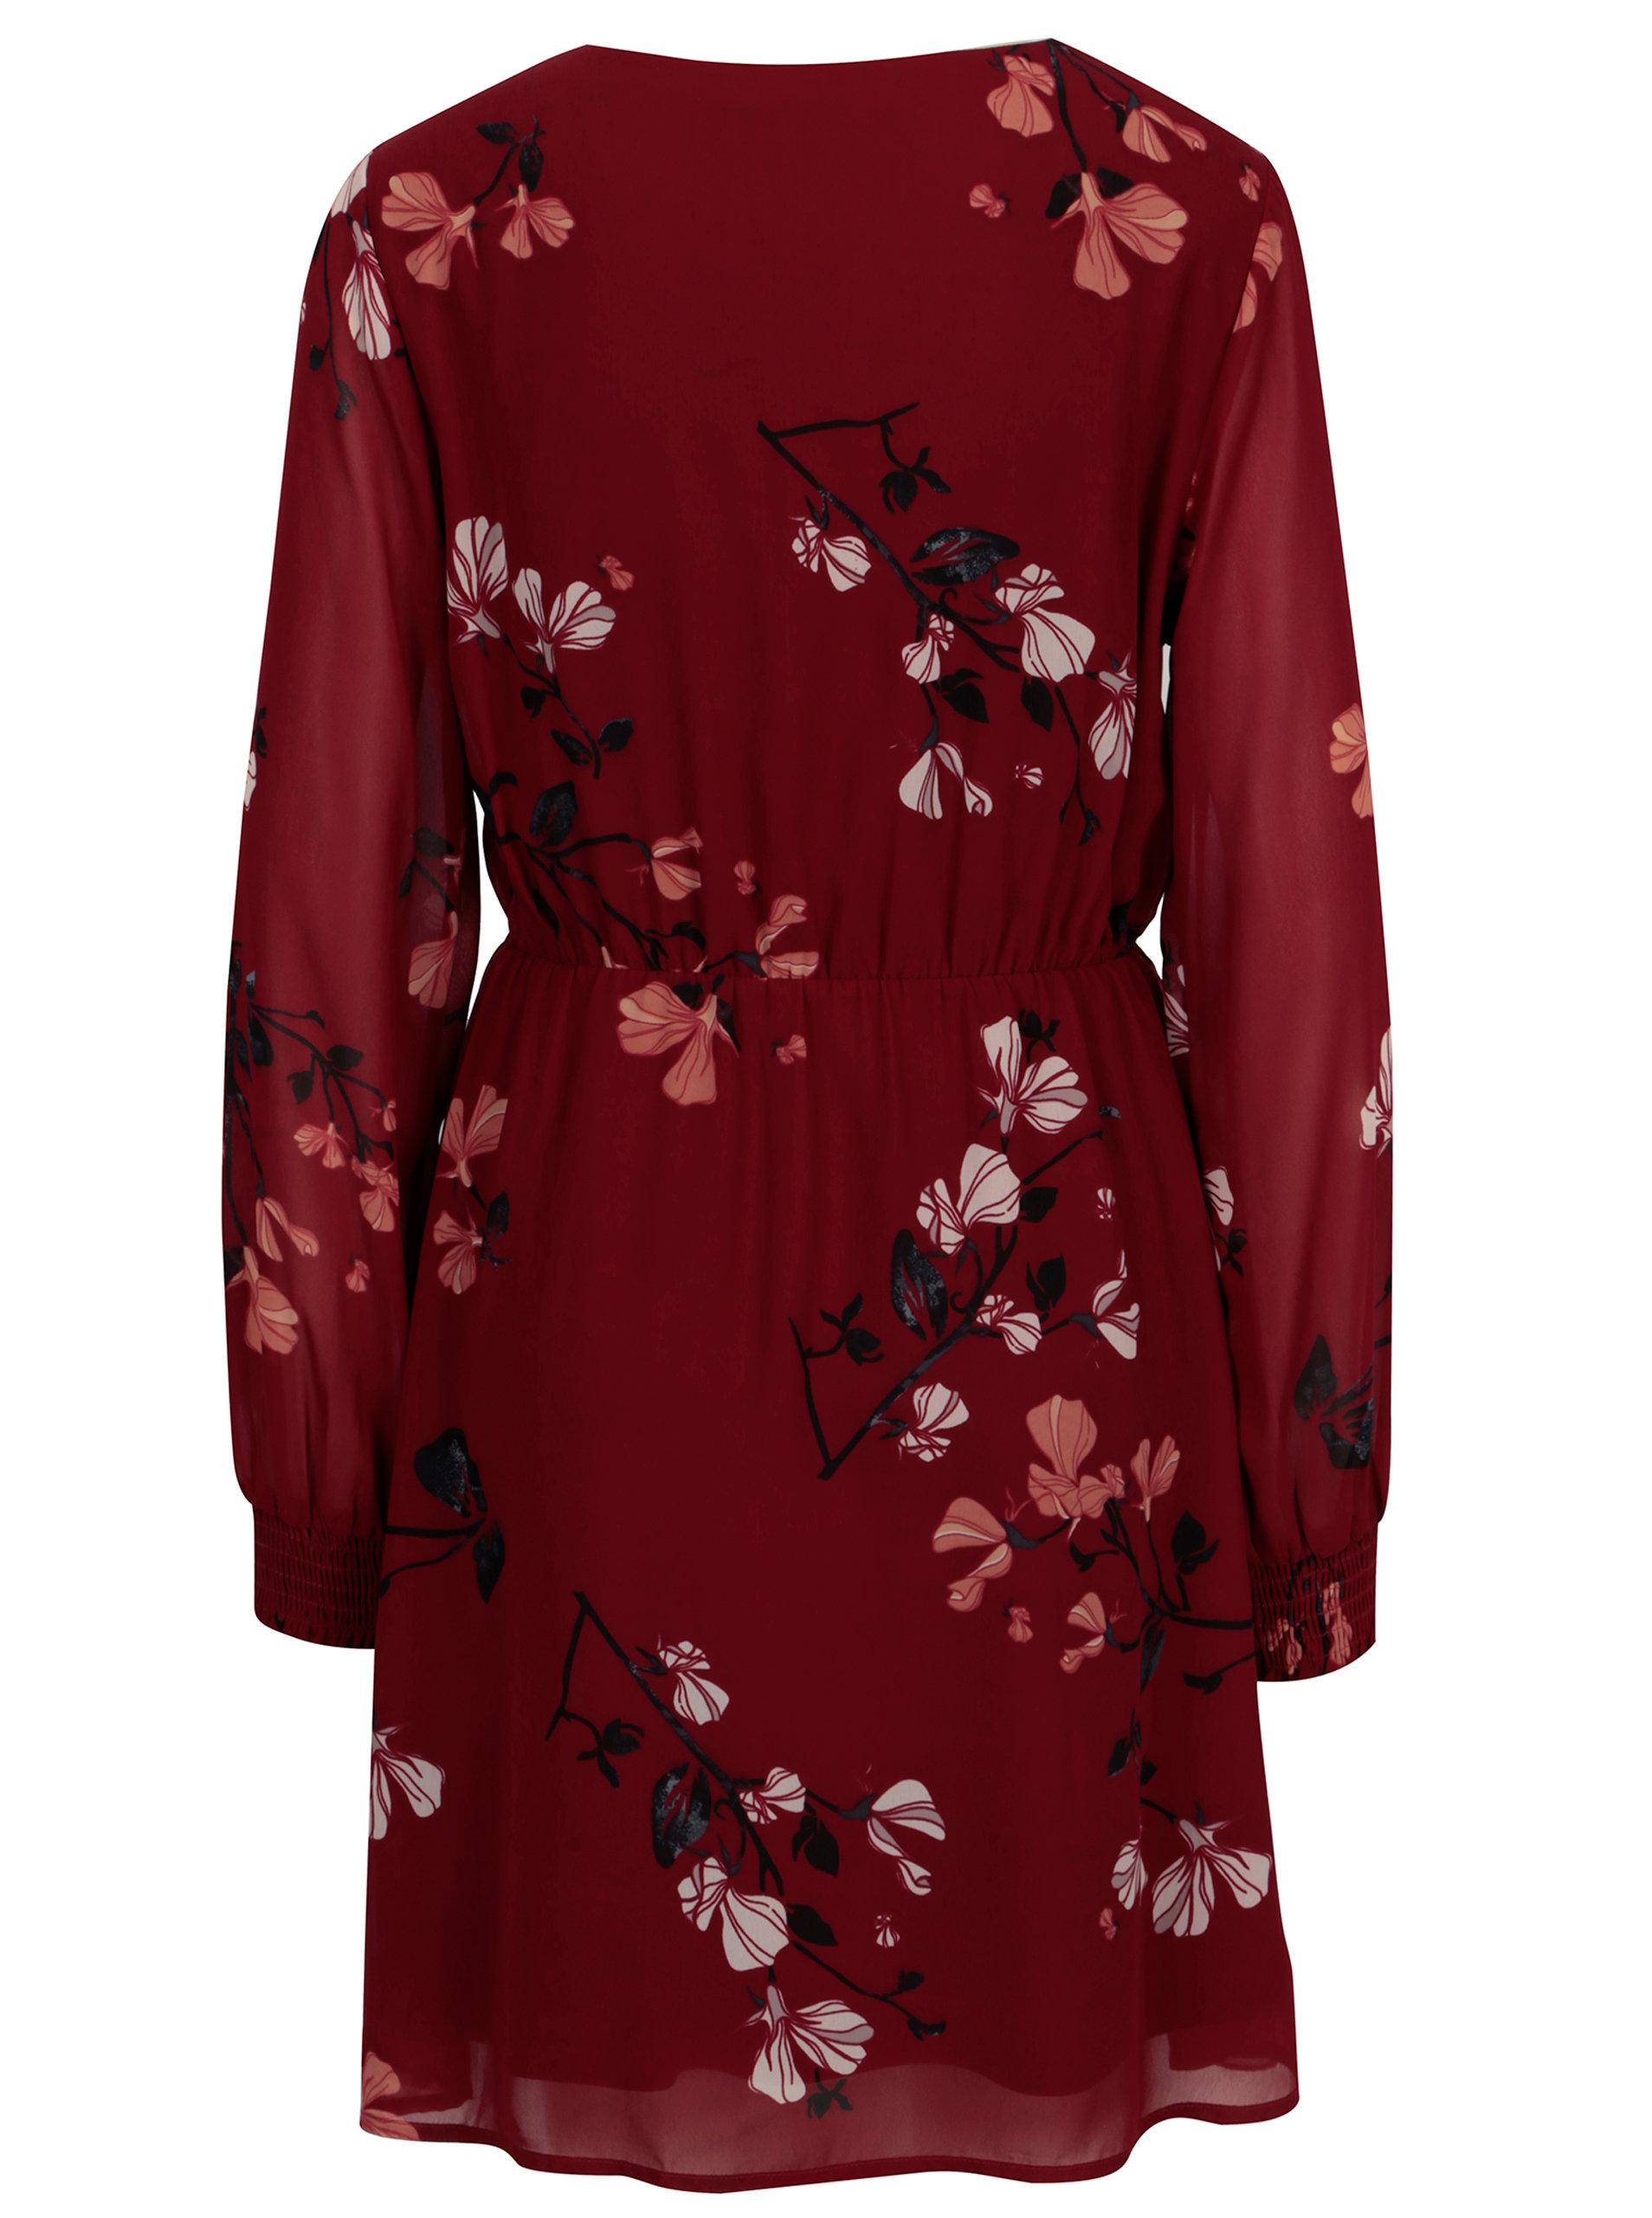 2948c3cd22a6 Vínové kvetované šaty s volánmi VERO MODA Hallie ...